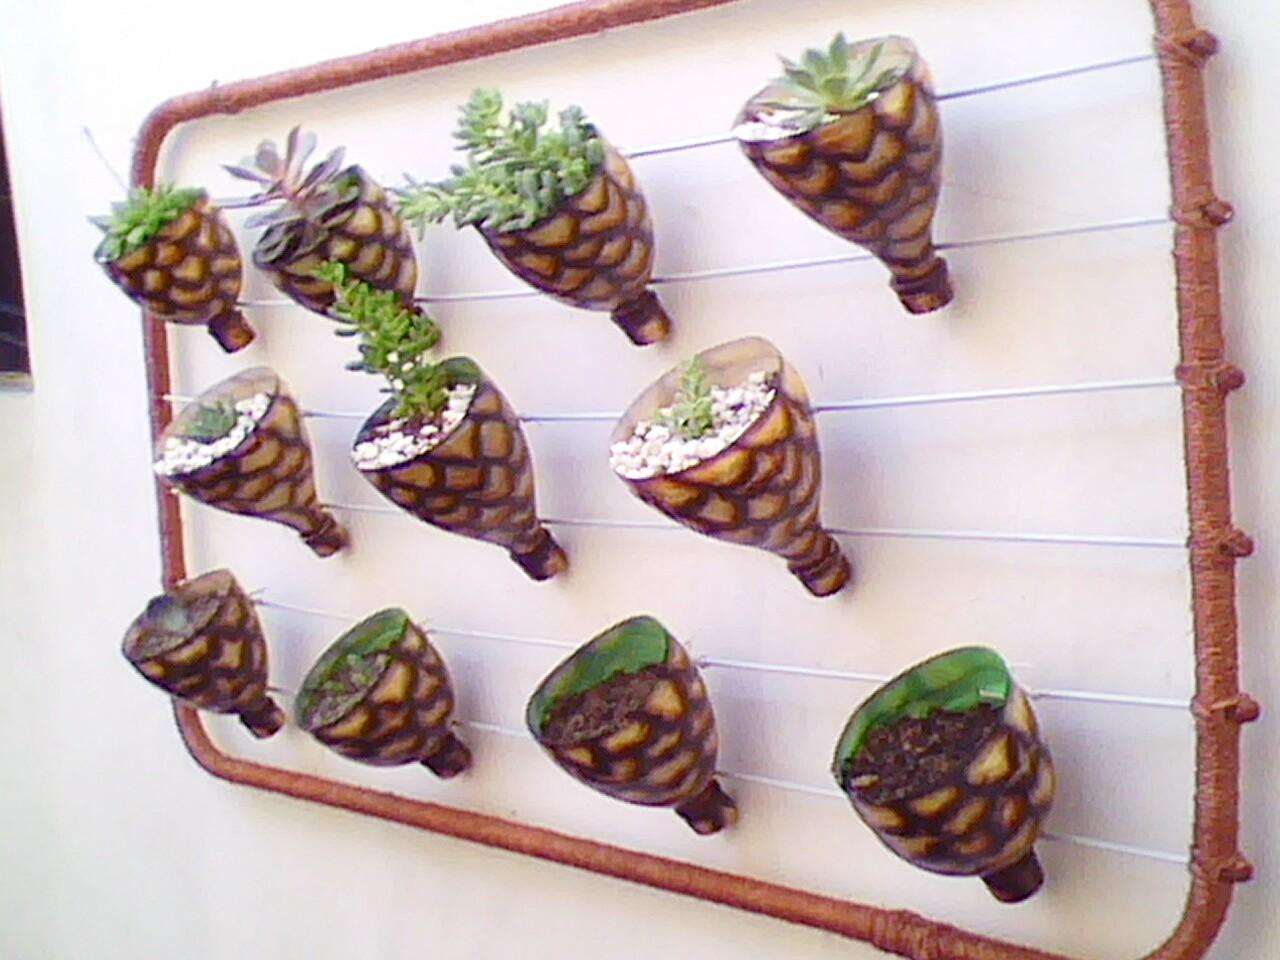 jardim vertical no banheiro:Jardim ecológico e lindo! Como fazer um  #905B3B 1280x960 Banheiro Com Jardim Vertical